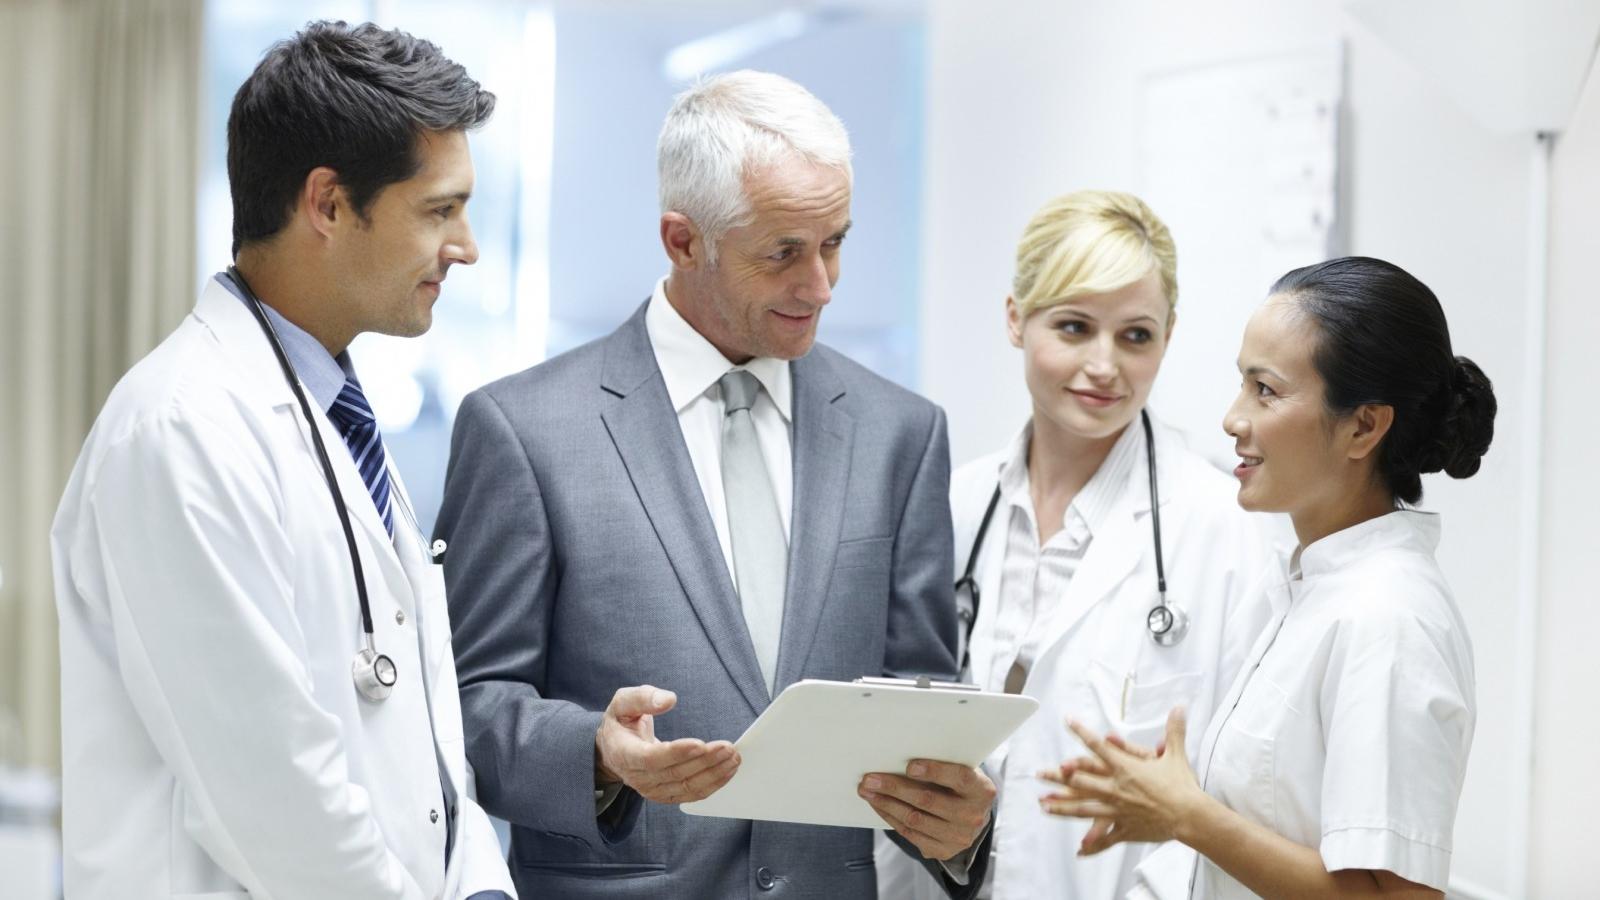 Экспертиза качества медицинской помощи в медицинской организации